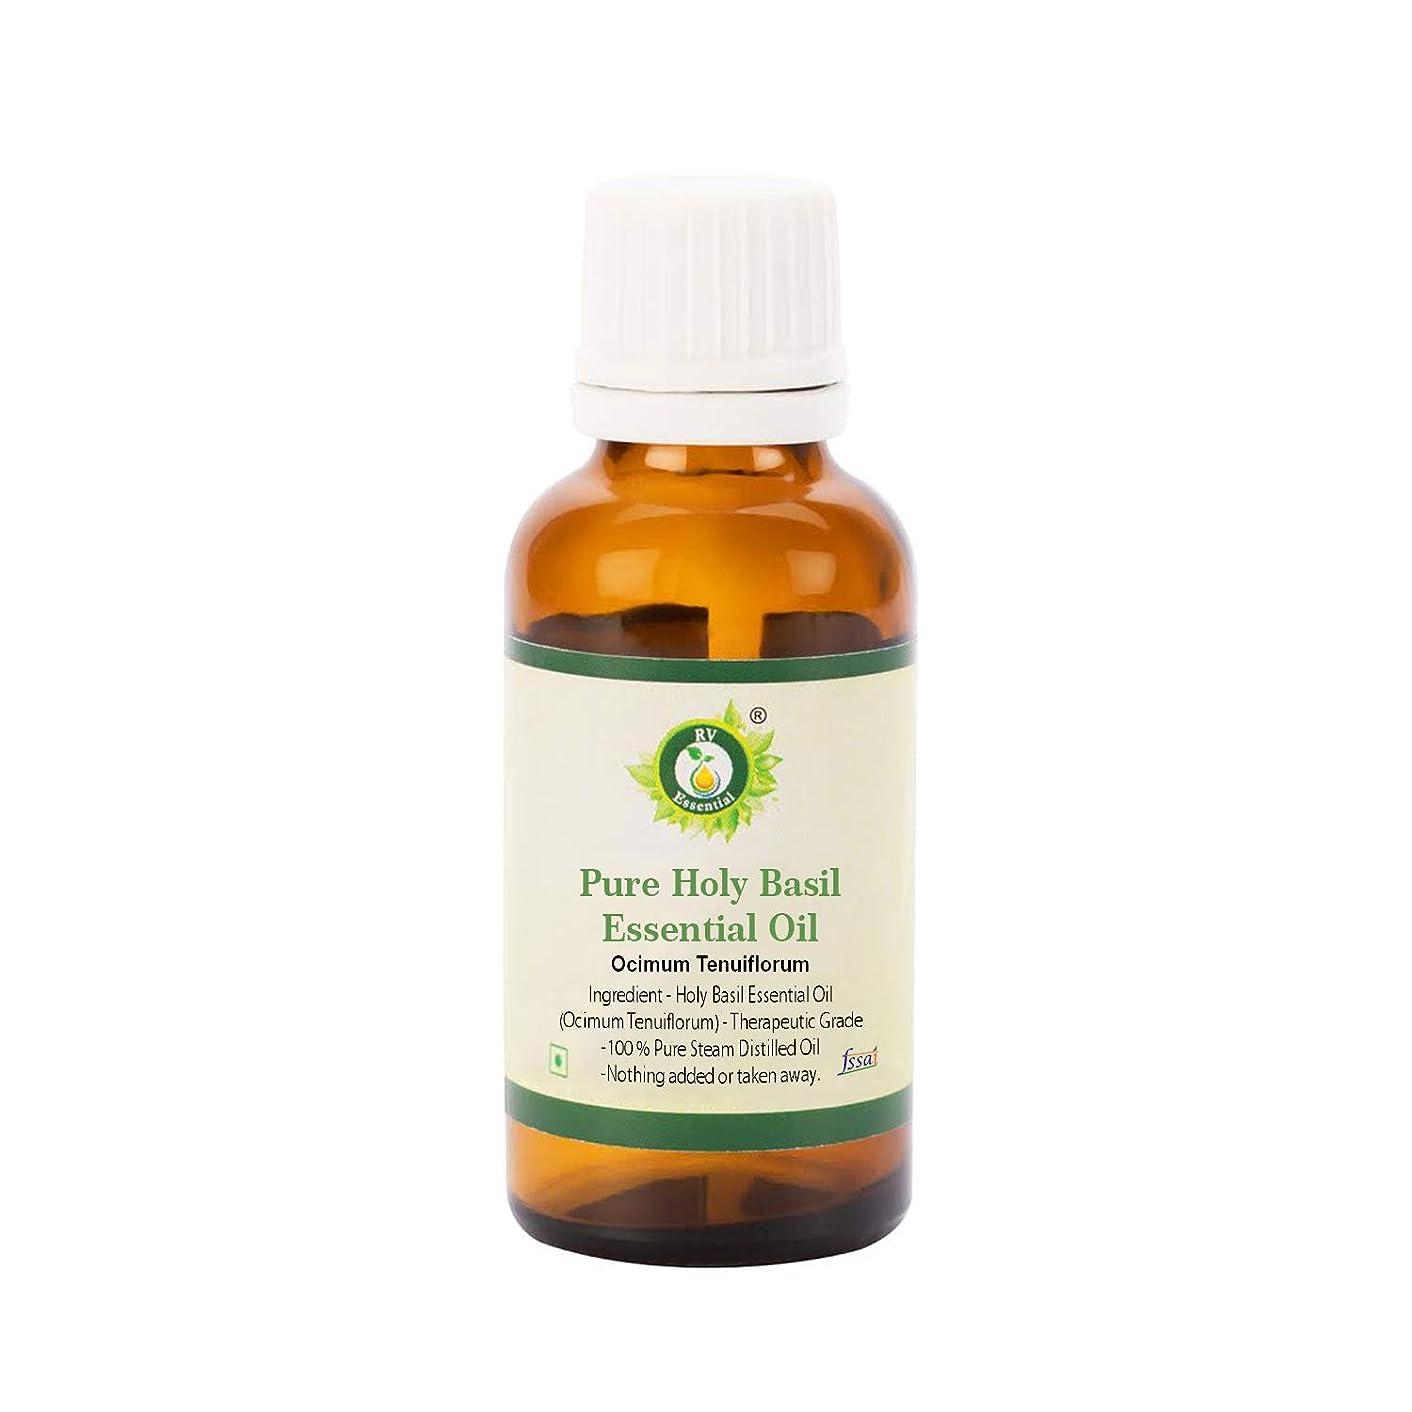 遺体安置所証書タッチR V Essential ピュアホーリーバジルエッセンシャルオイル100ml (3.38oz)- Ocimum Tenuiflorum (100%純粋&天然スチームDistilled) Pure Holy Basil Essential Oil